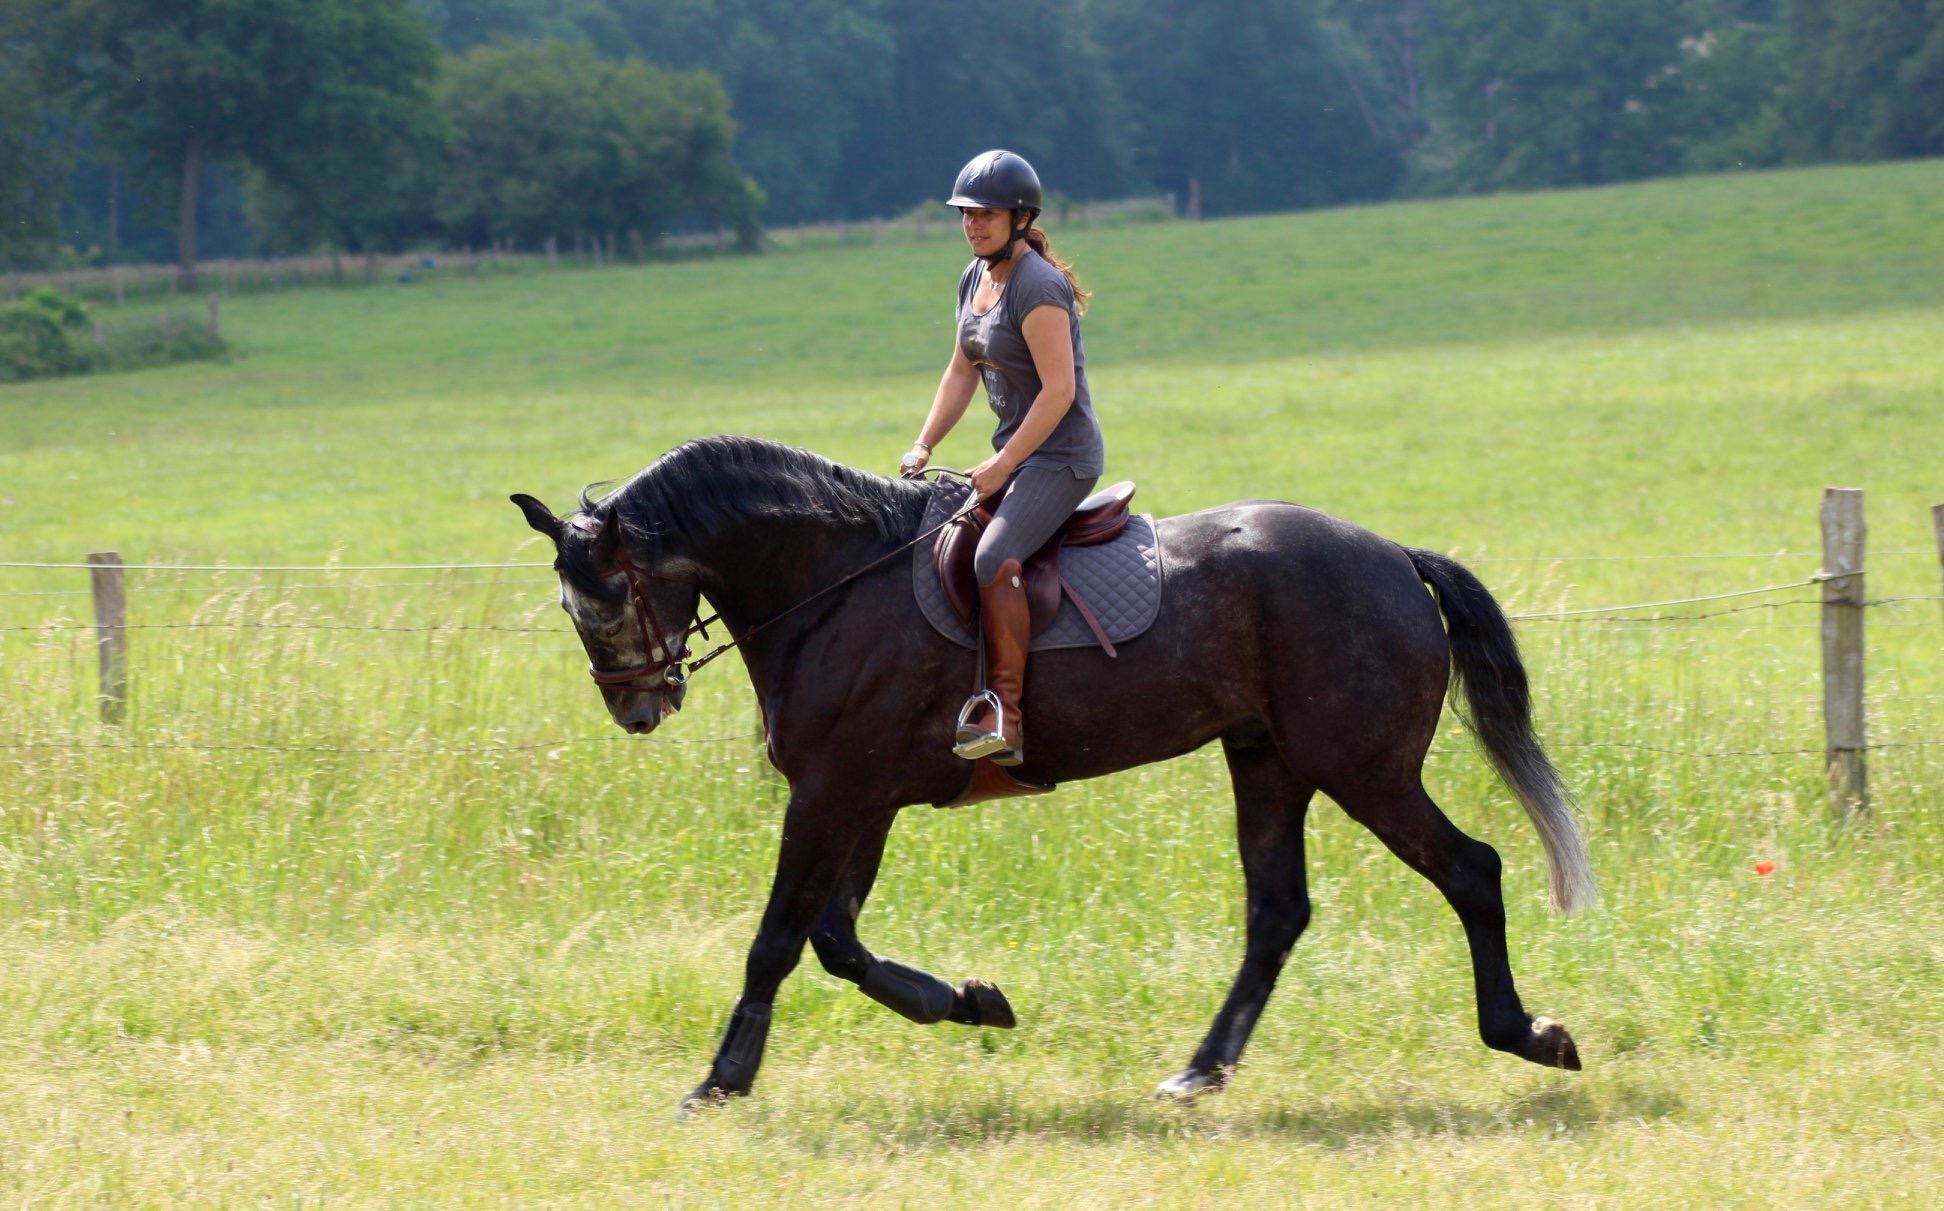 Les_Petites_Écuries_actualité_concours_poney_équitation_galluis_78_8